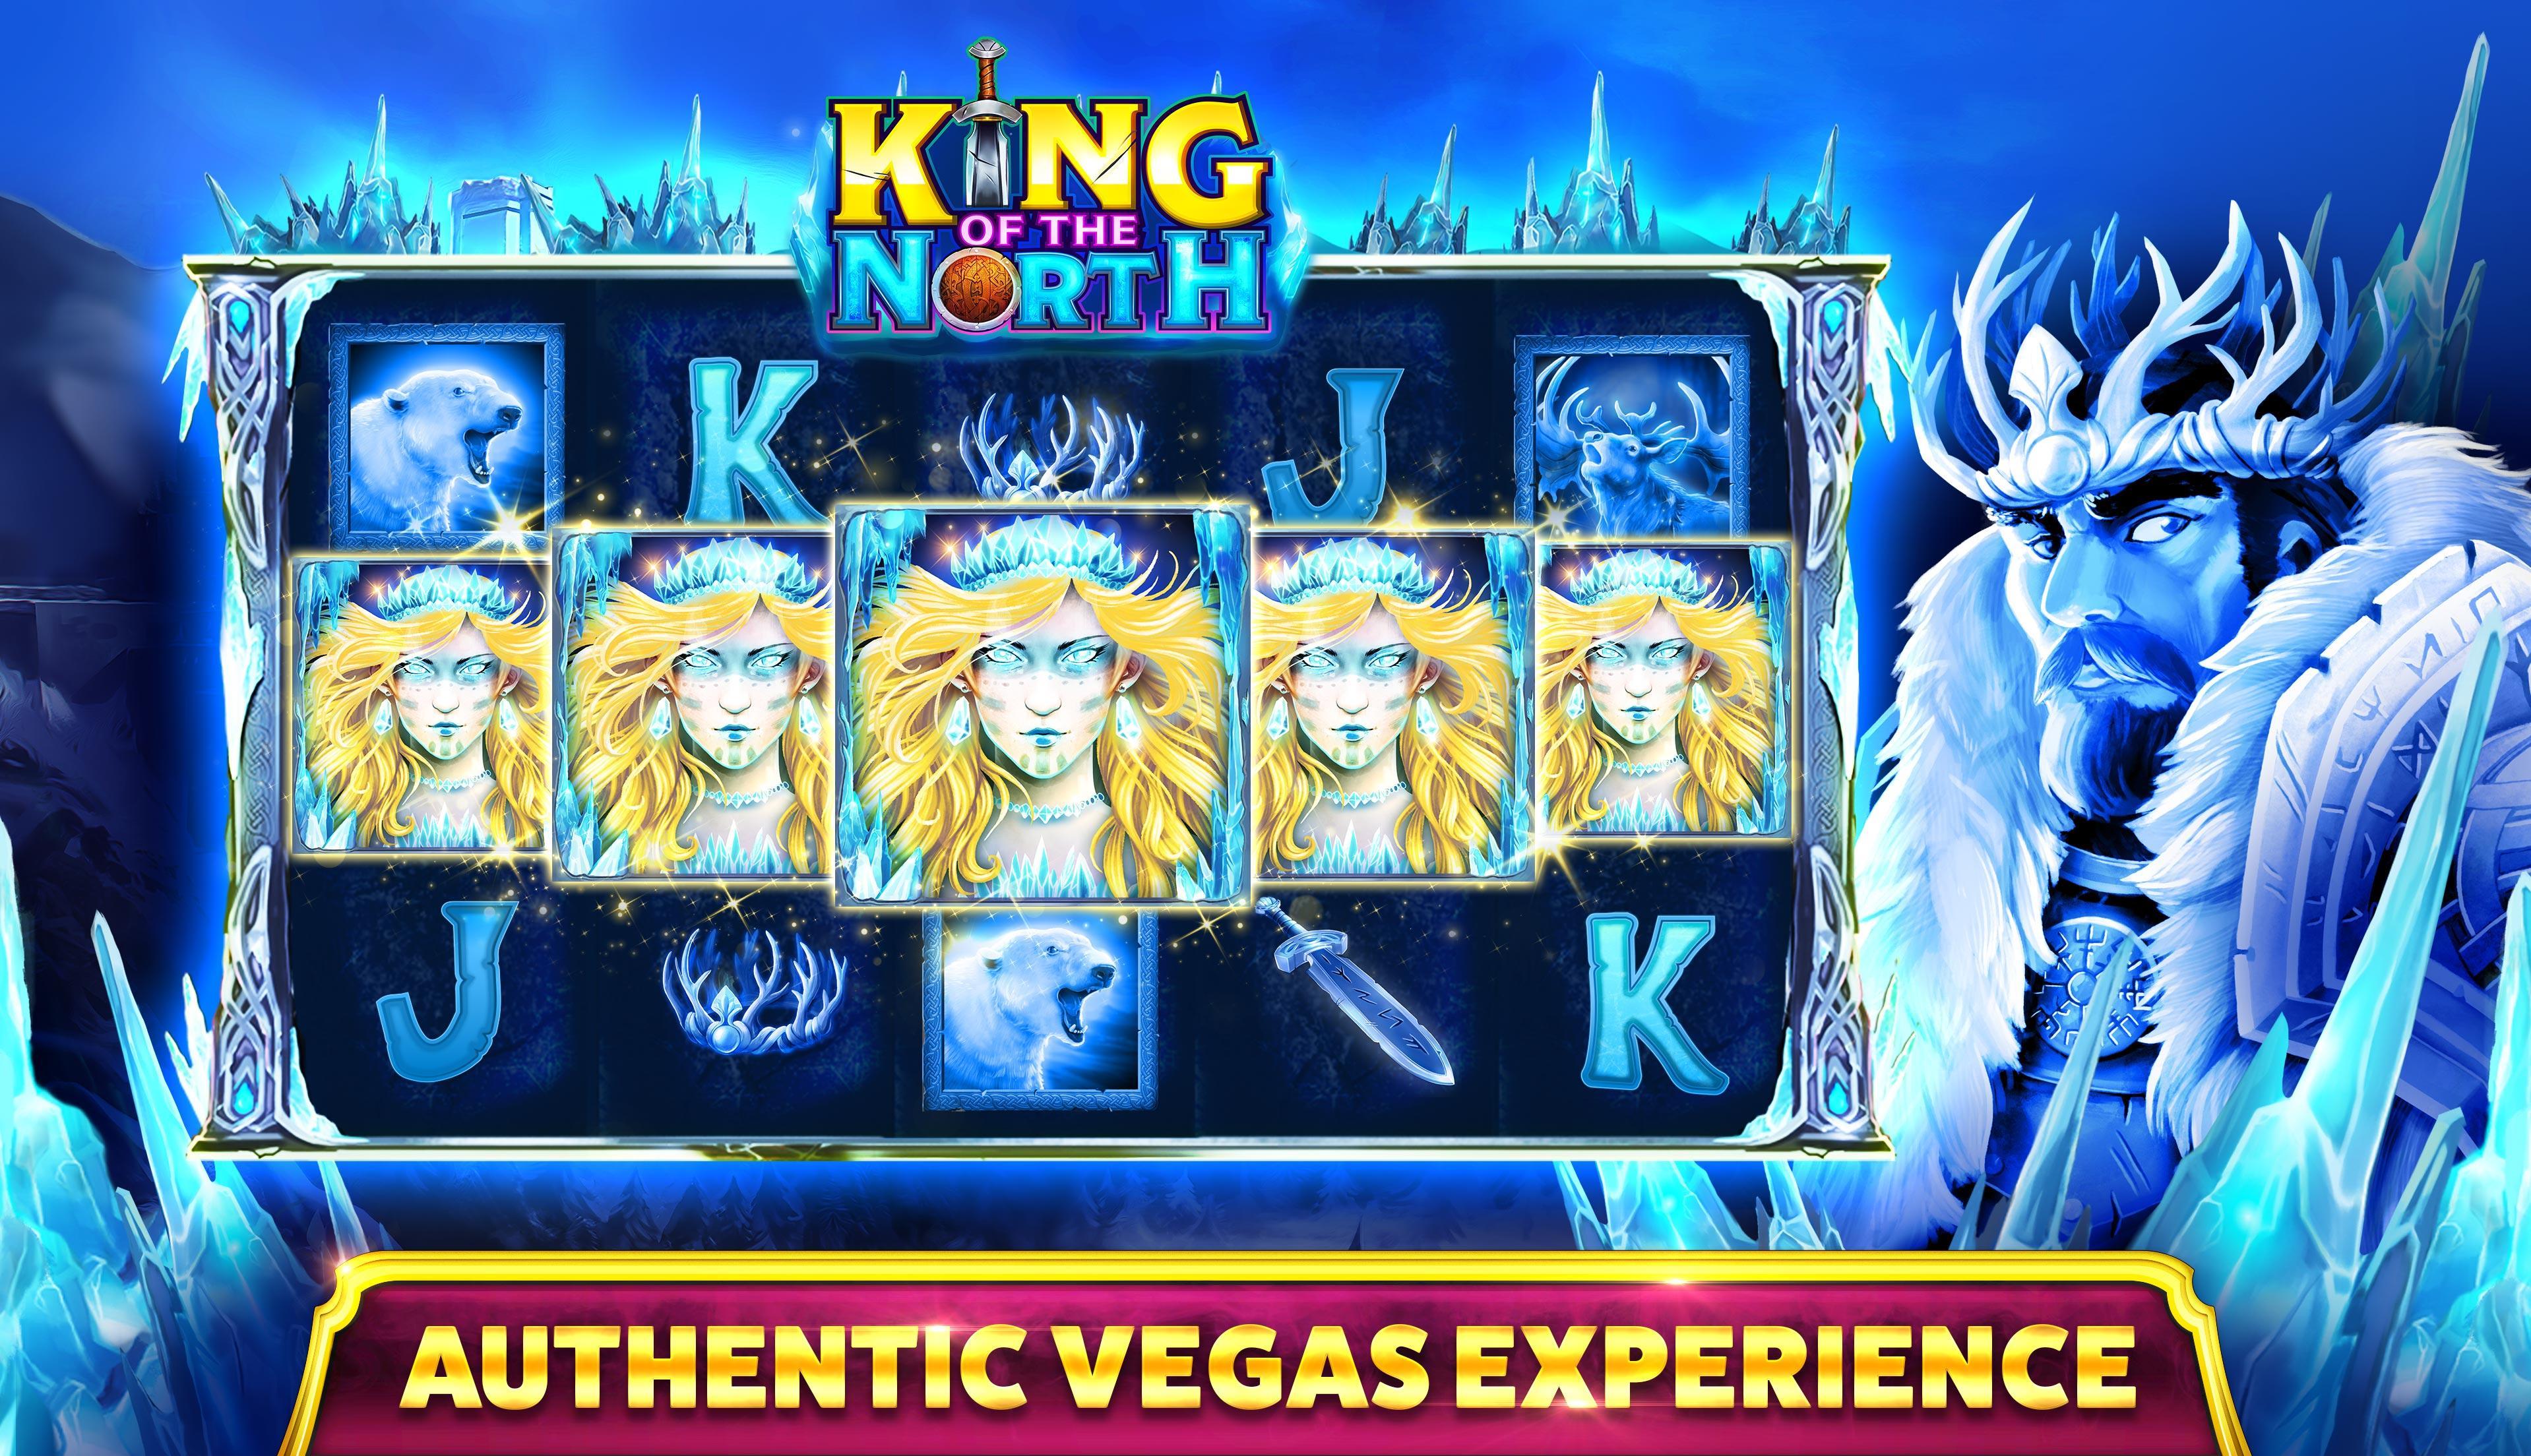 Игровые автоматы скачать для андроида 4.2.2 бесплатно бездепозитные бонусы в покер онлайн